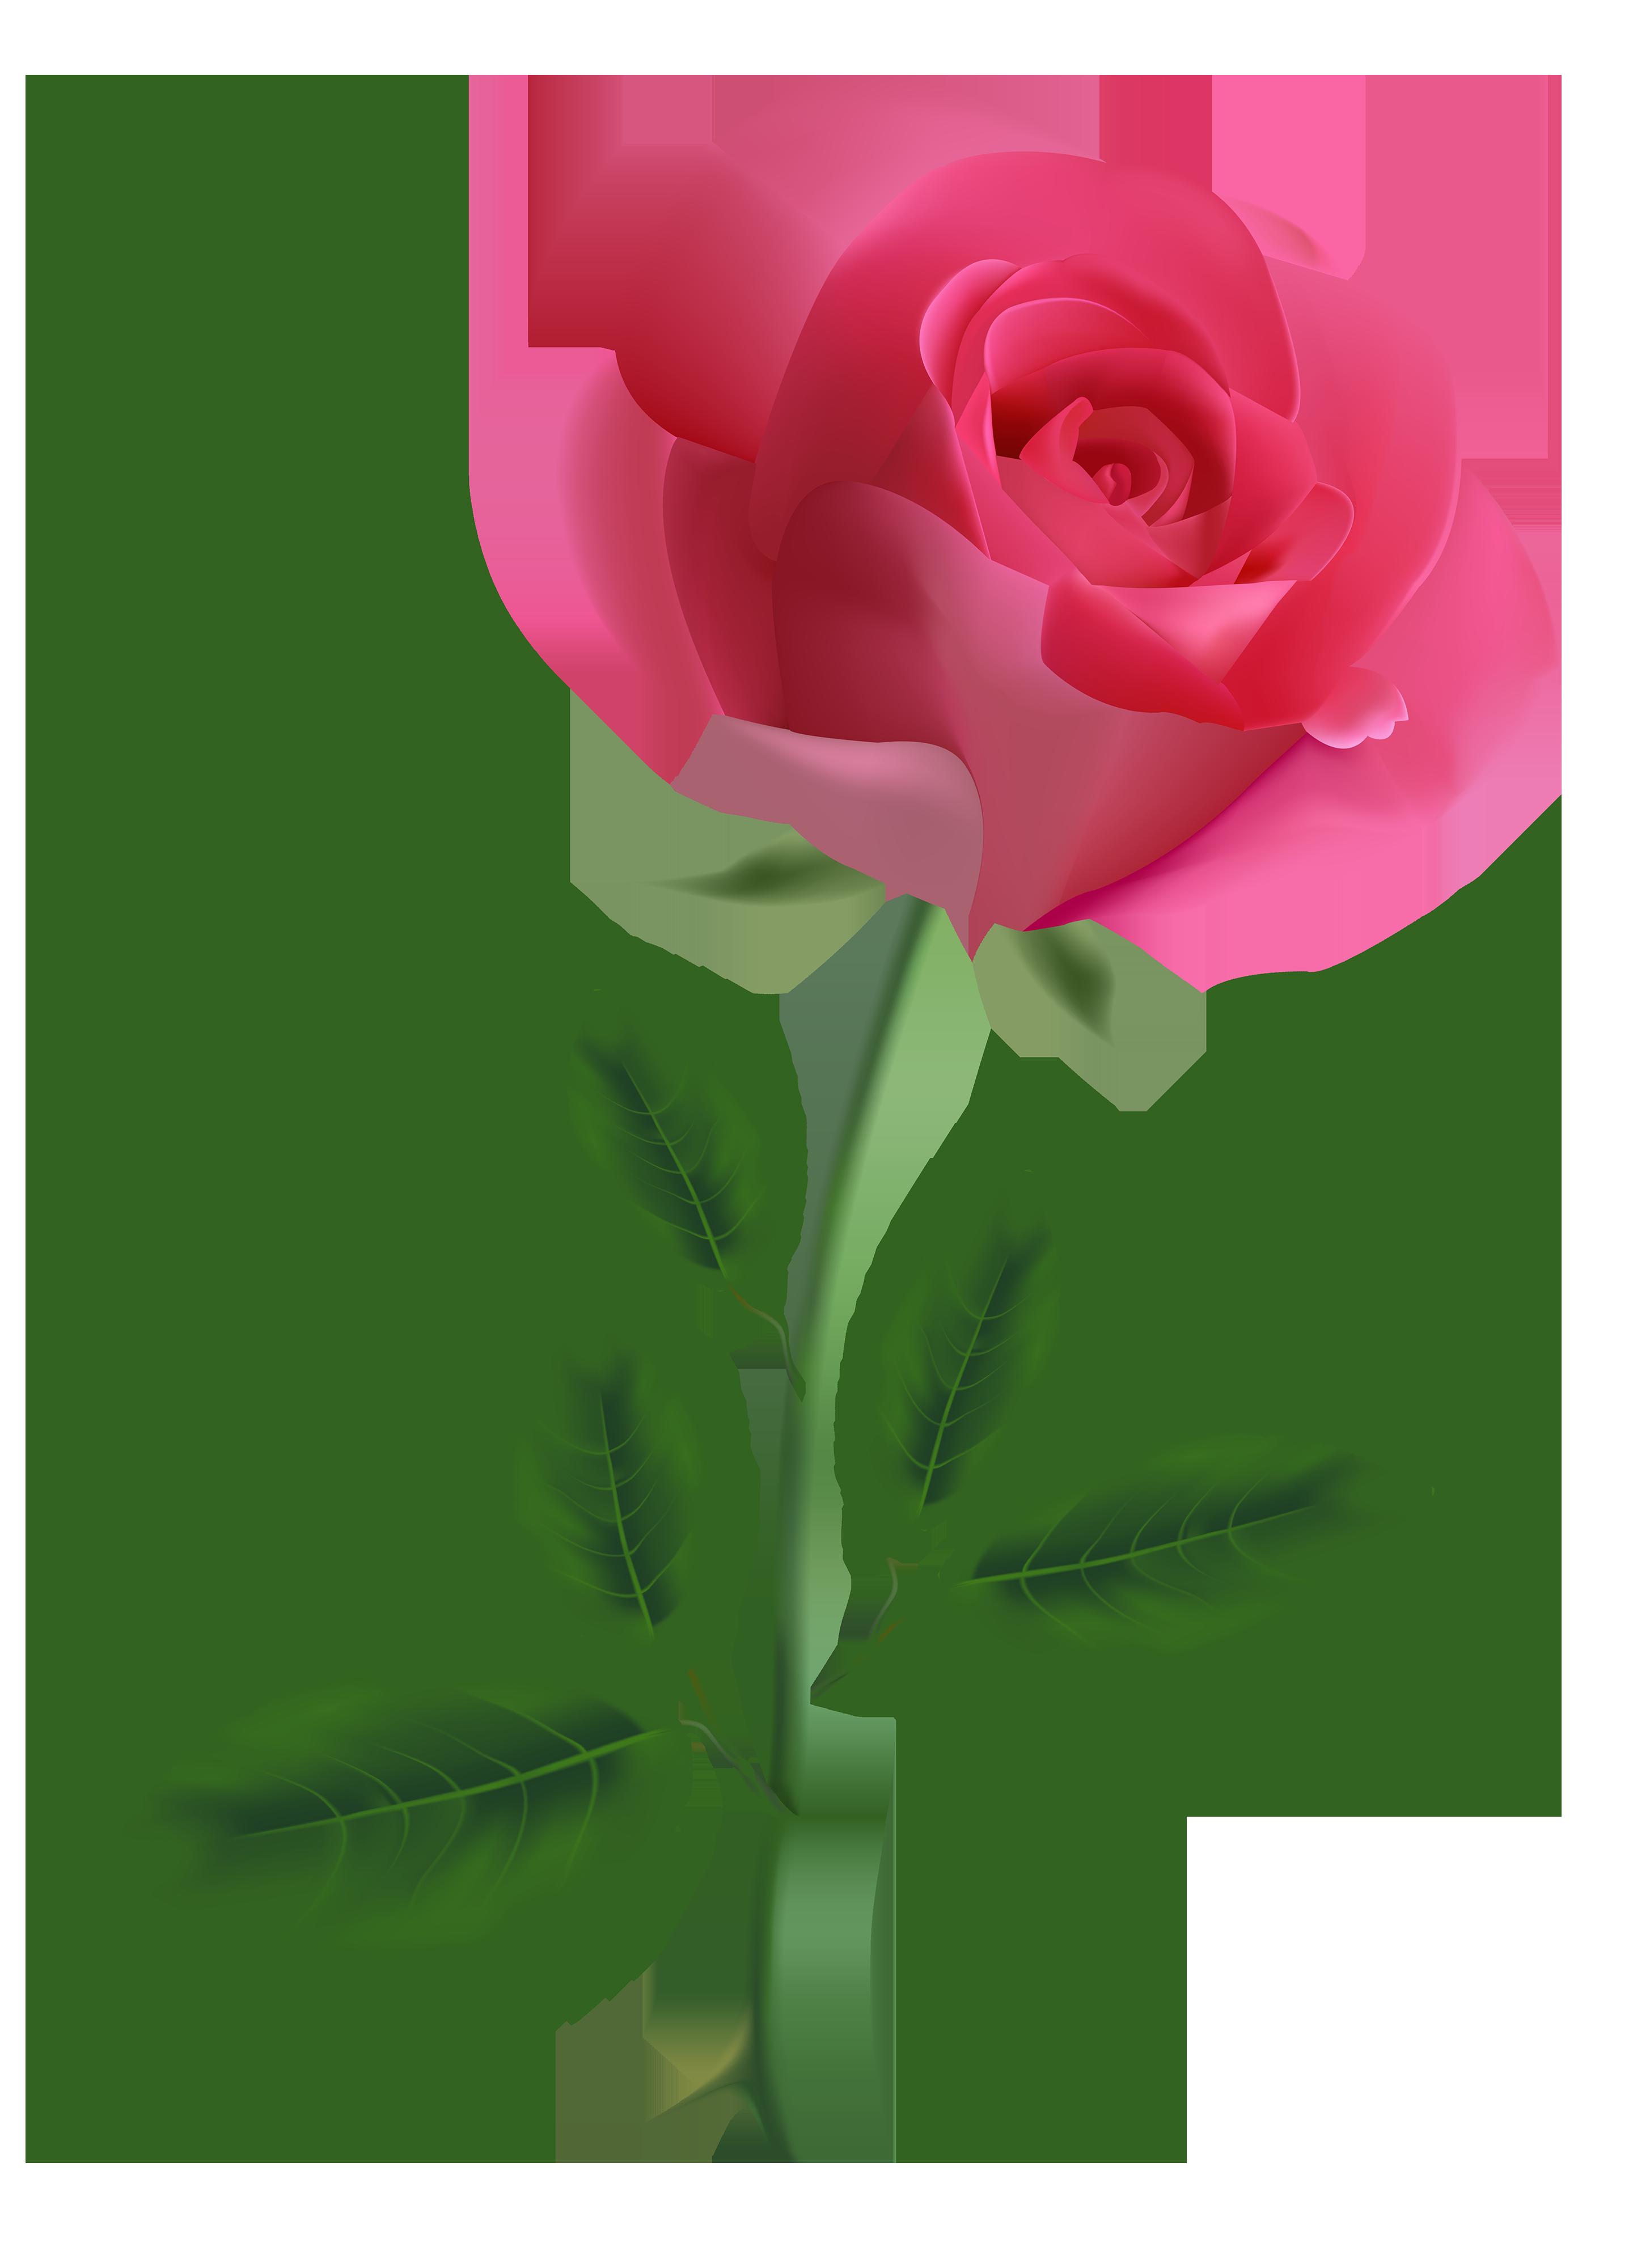 Pink Rose Clipart PNG Image Rose flower png, Flower